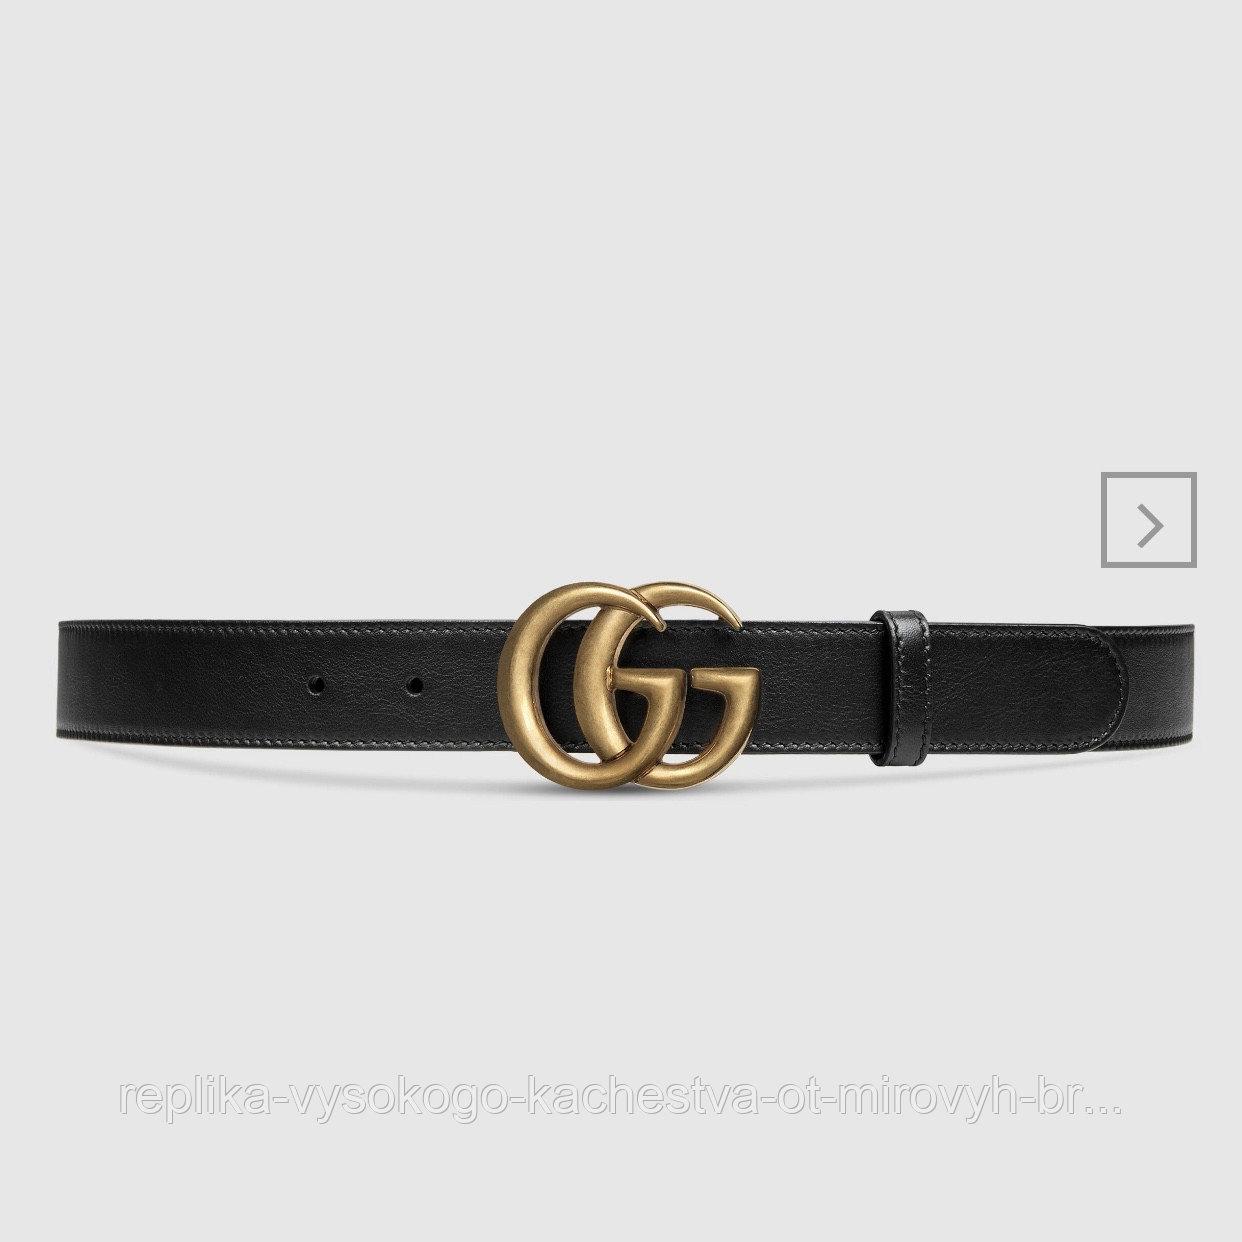 Ремень Gucci с пряжкой GG